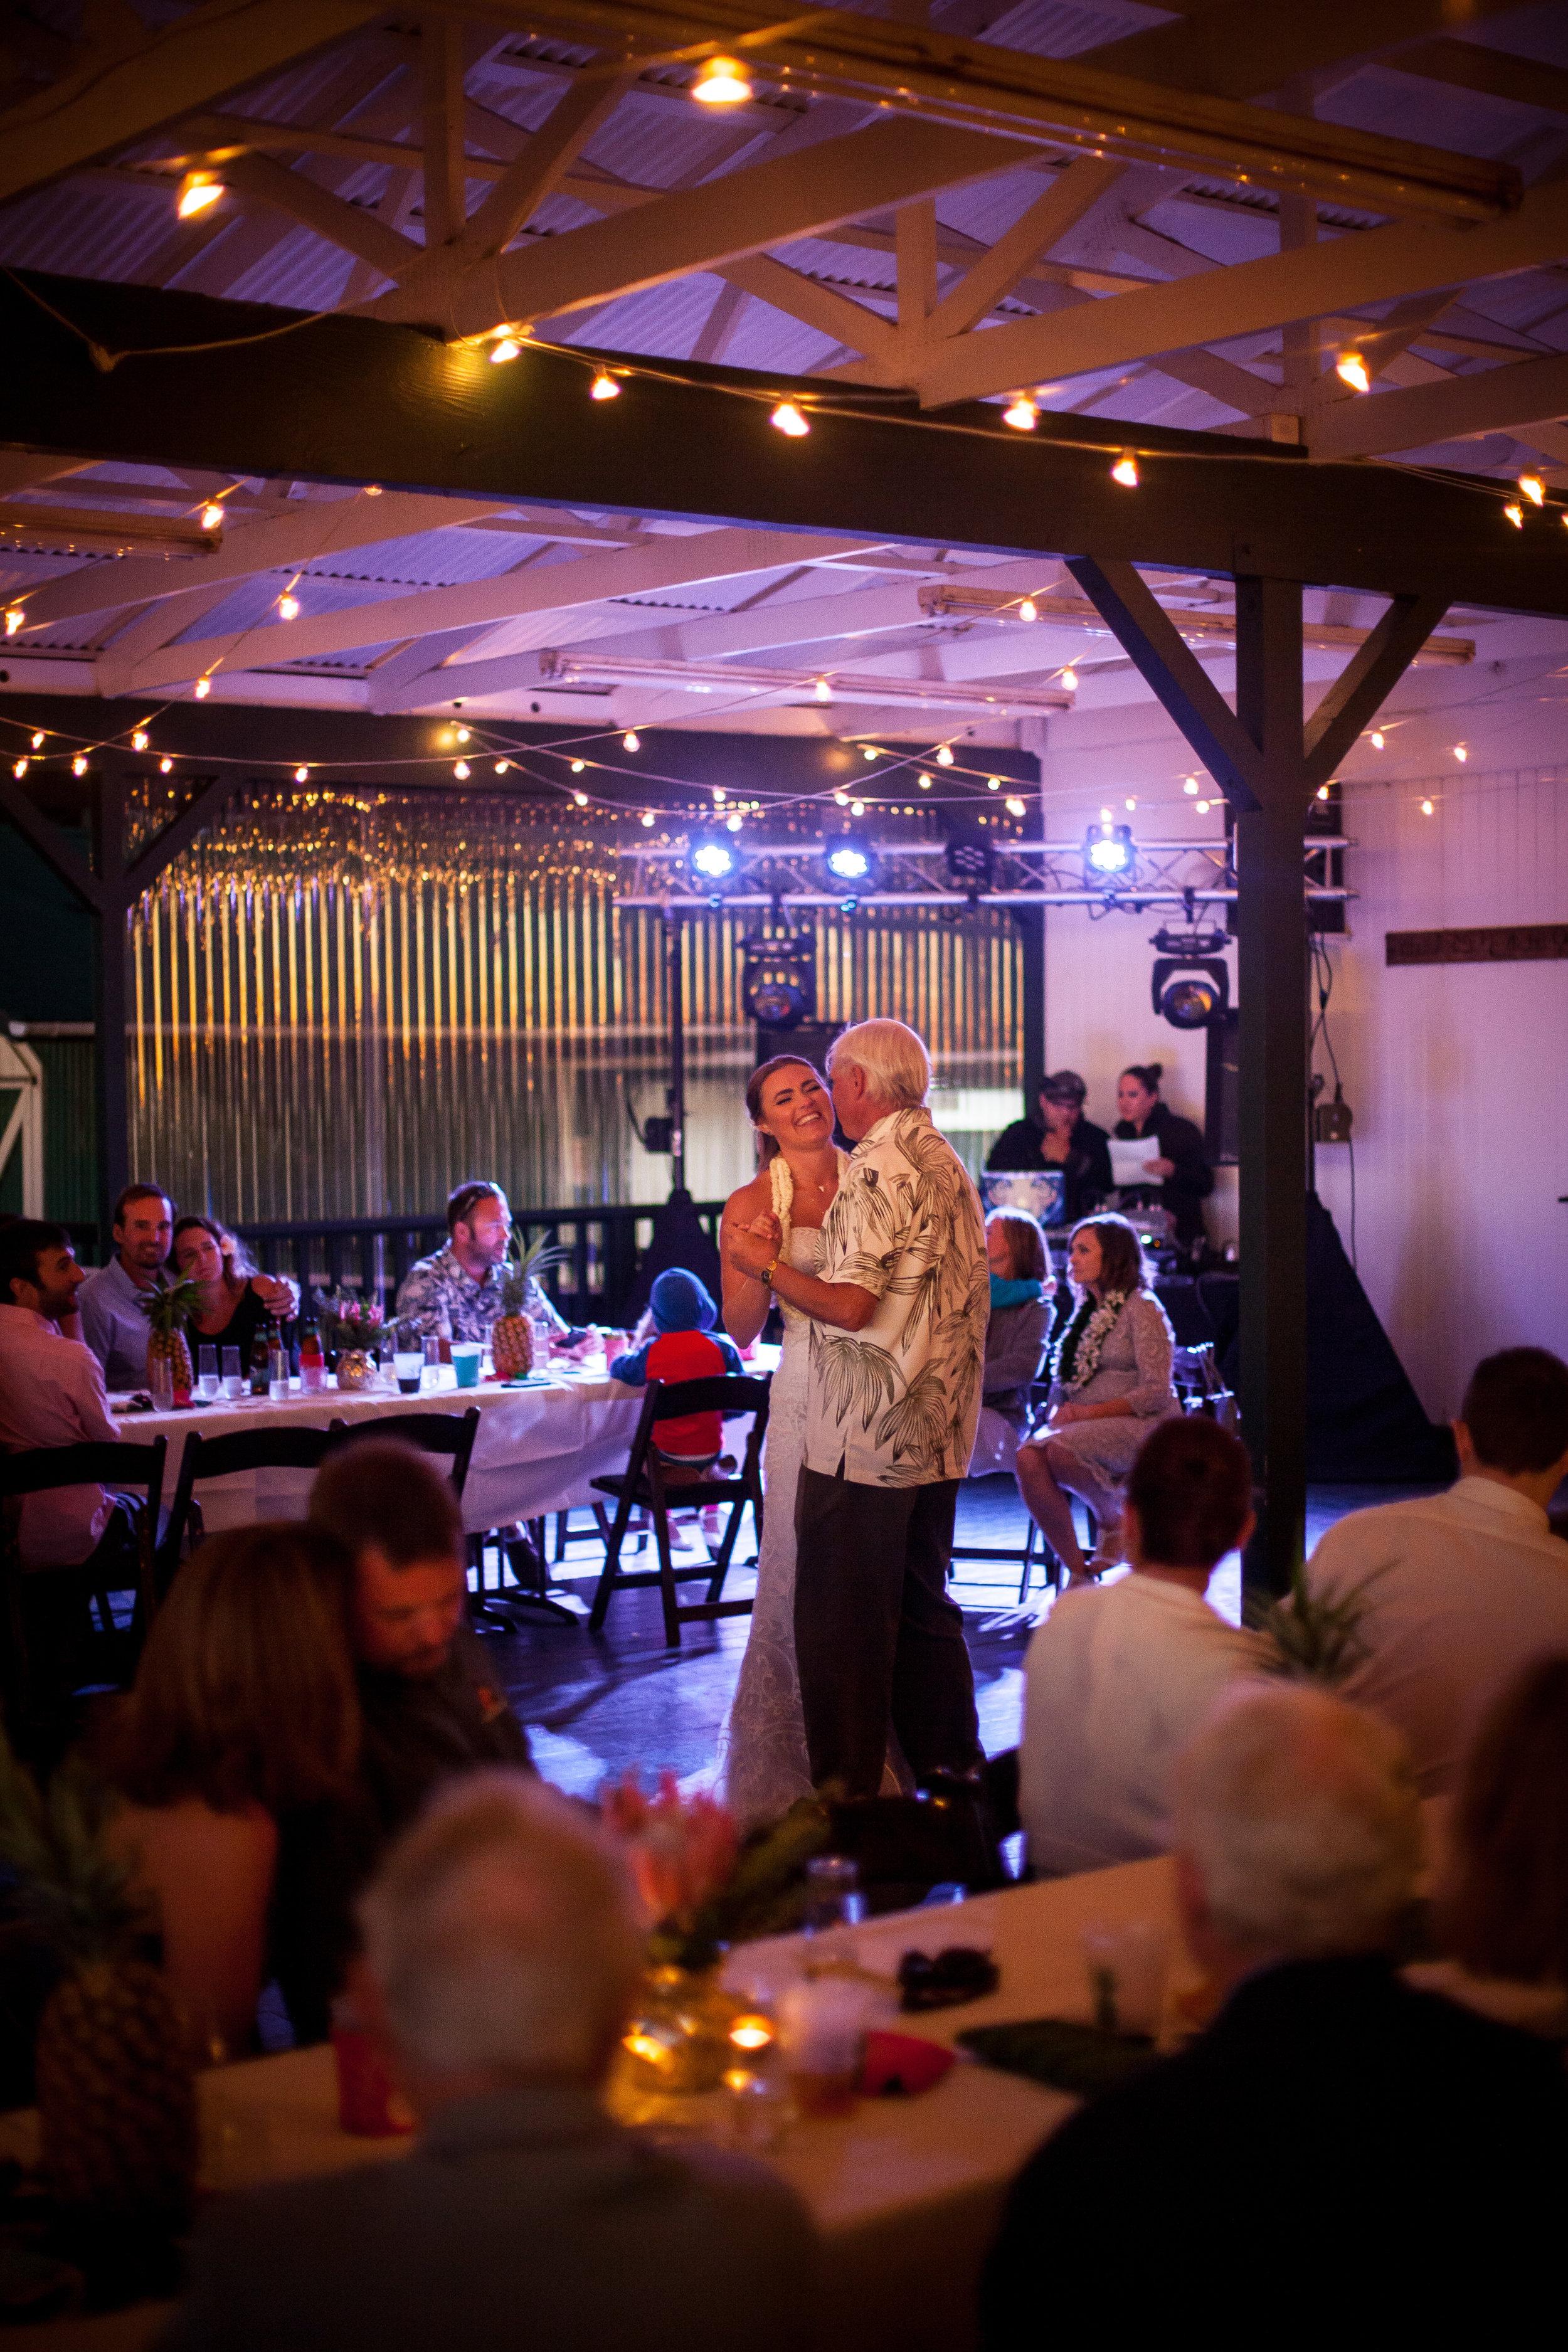 1 big island hawaii kahua ranch wedding © kelilina photography 20170106182545.jpg